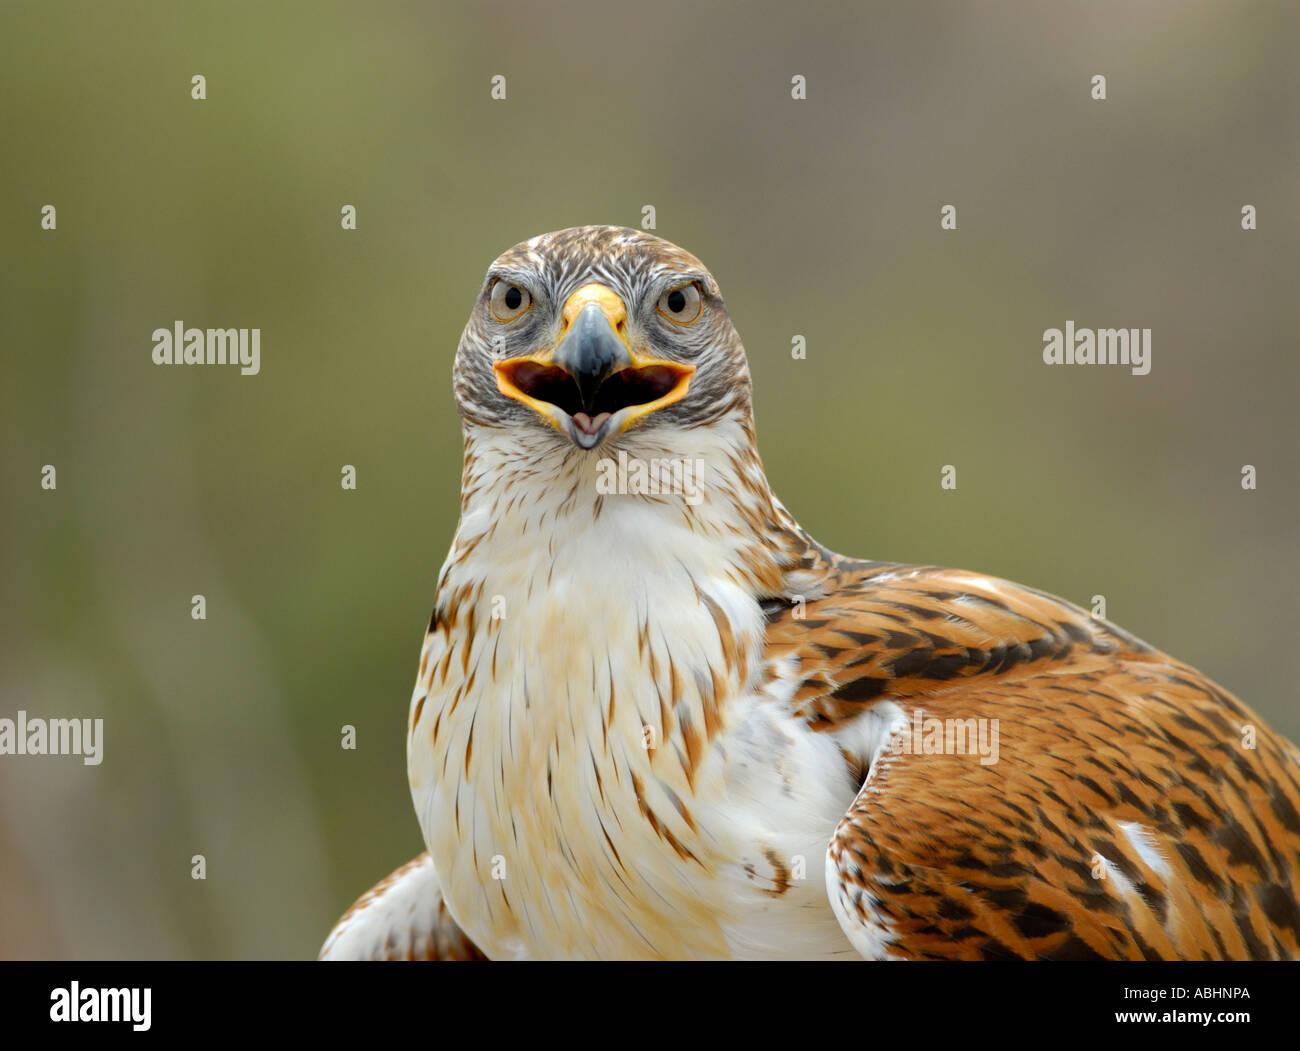 Falco ferruginosa, Buteo regalis, close-up di corpo e testa guardando la fotocamera Immagini Stock